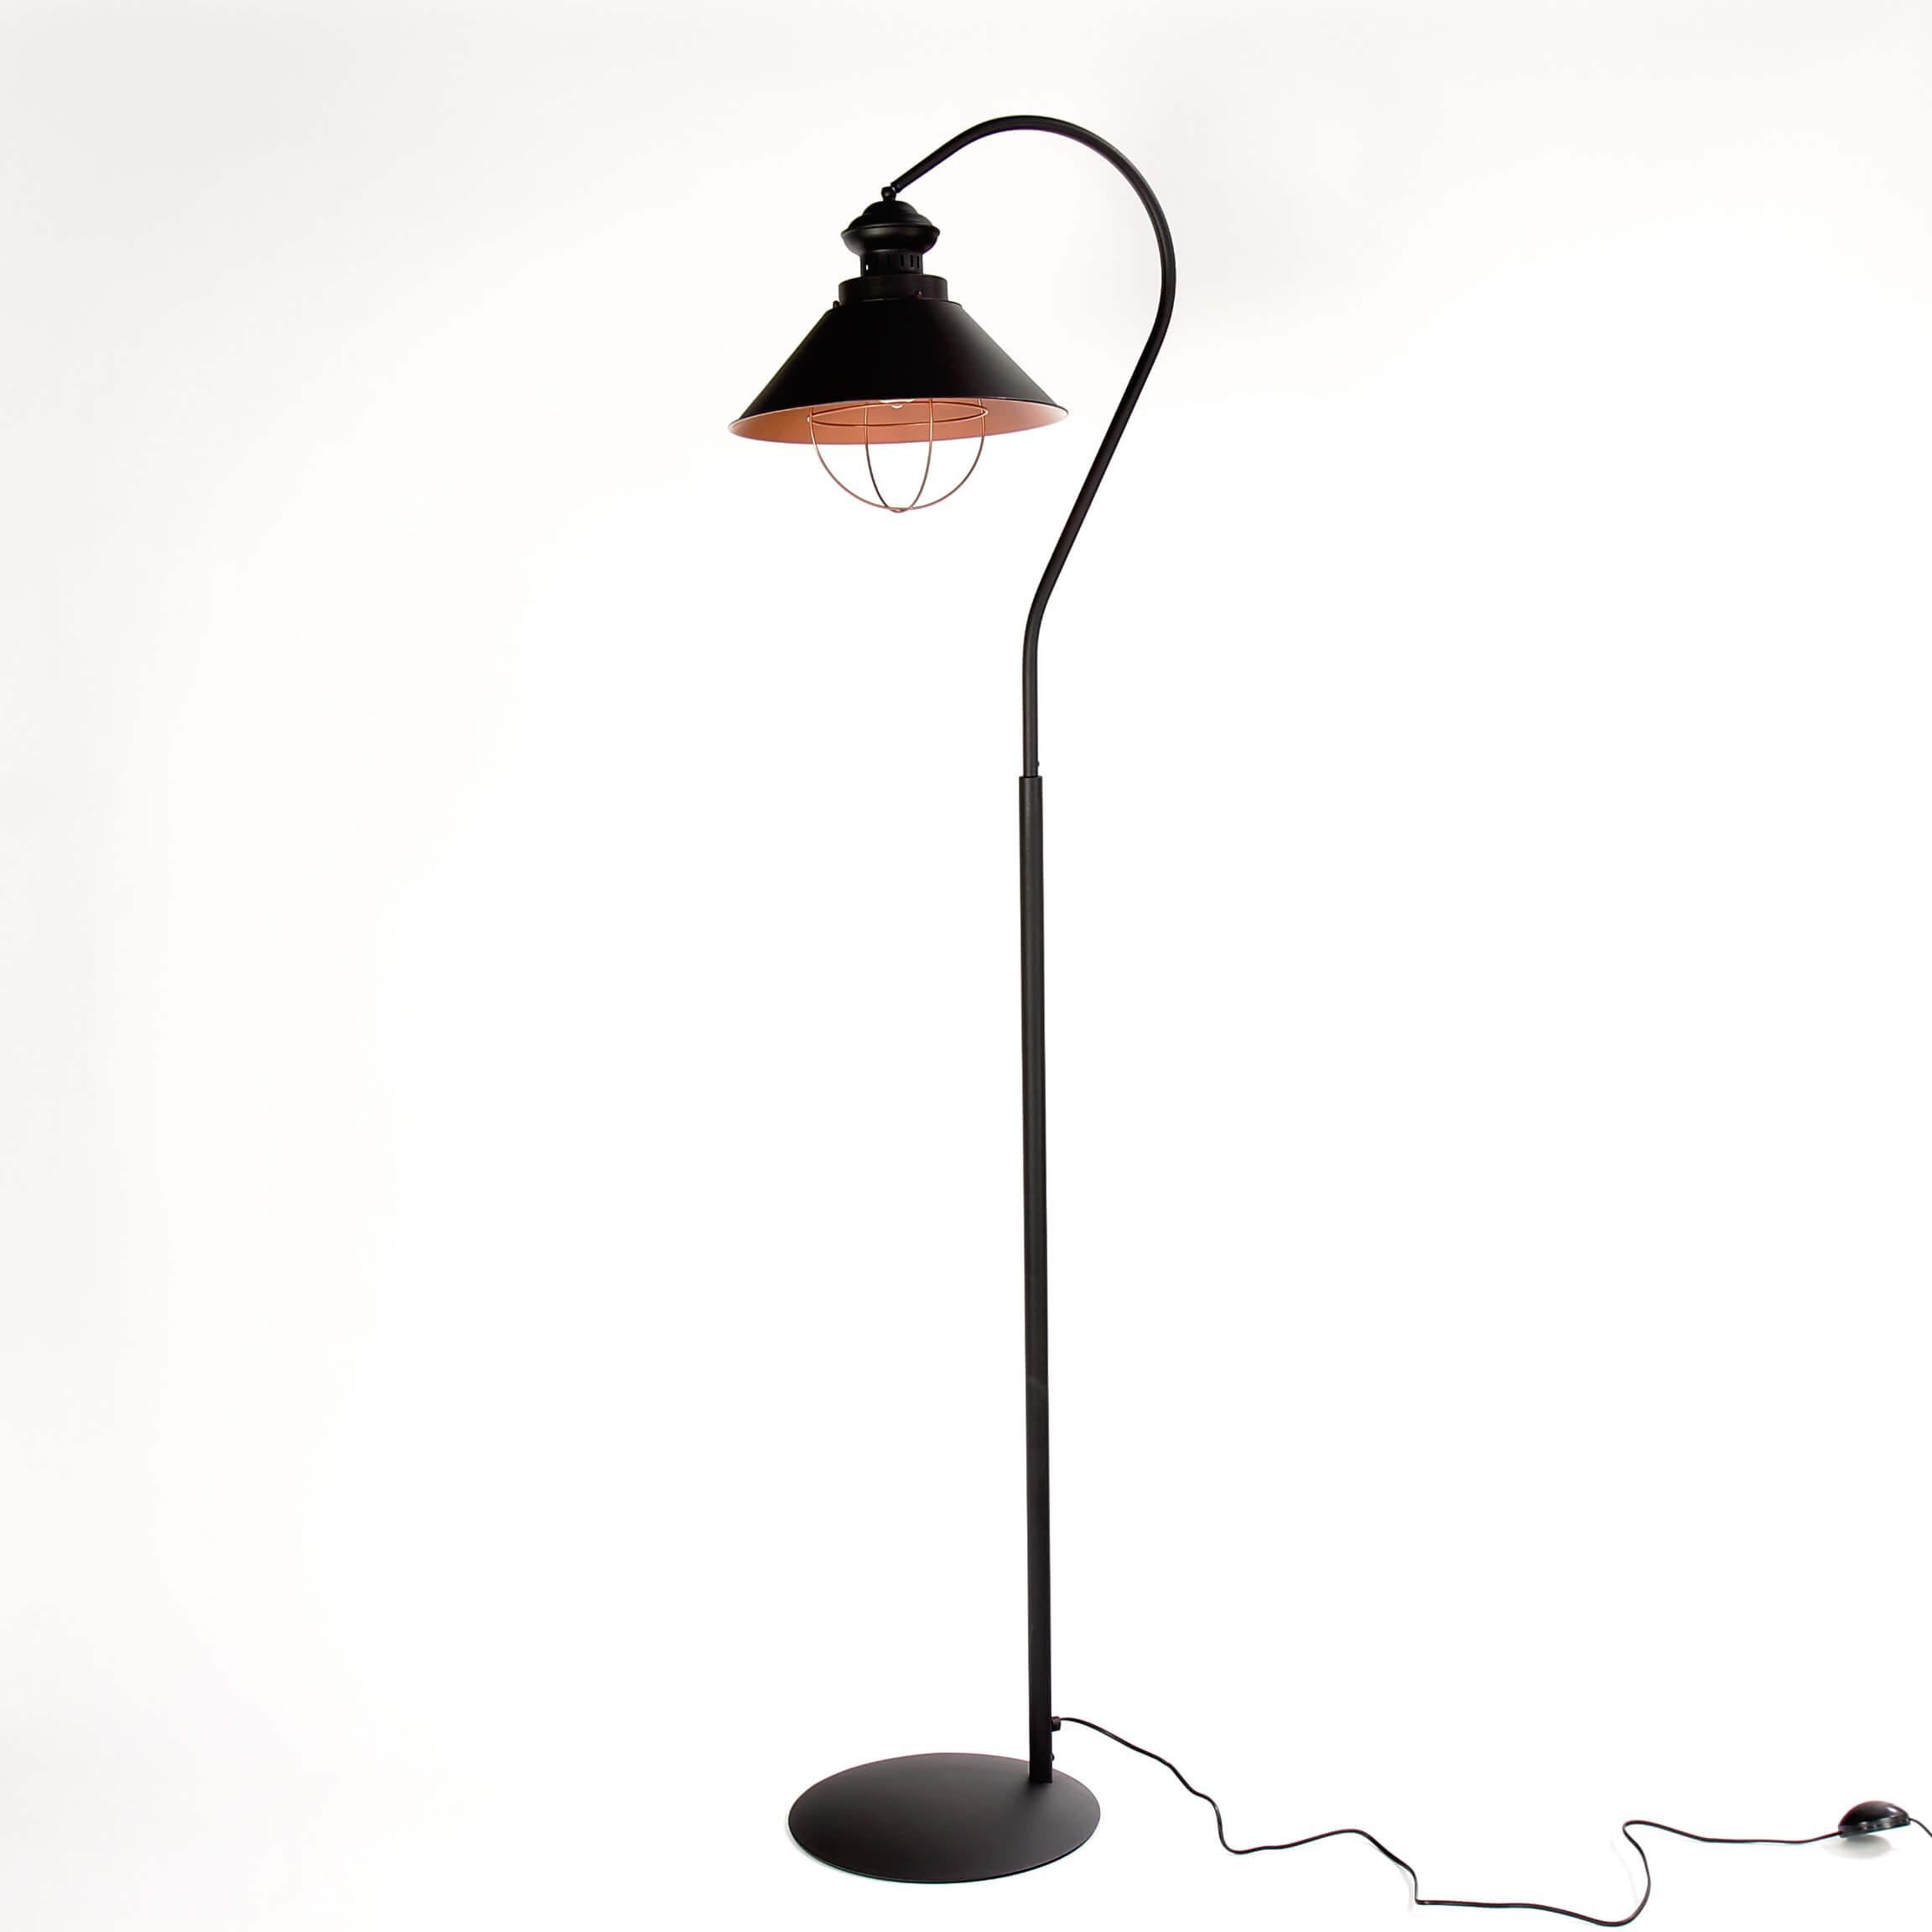 Industrie Stehlampe Loft E27 H 1 8m Braun Kupfer Vintage